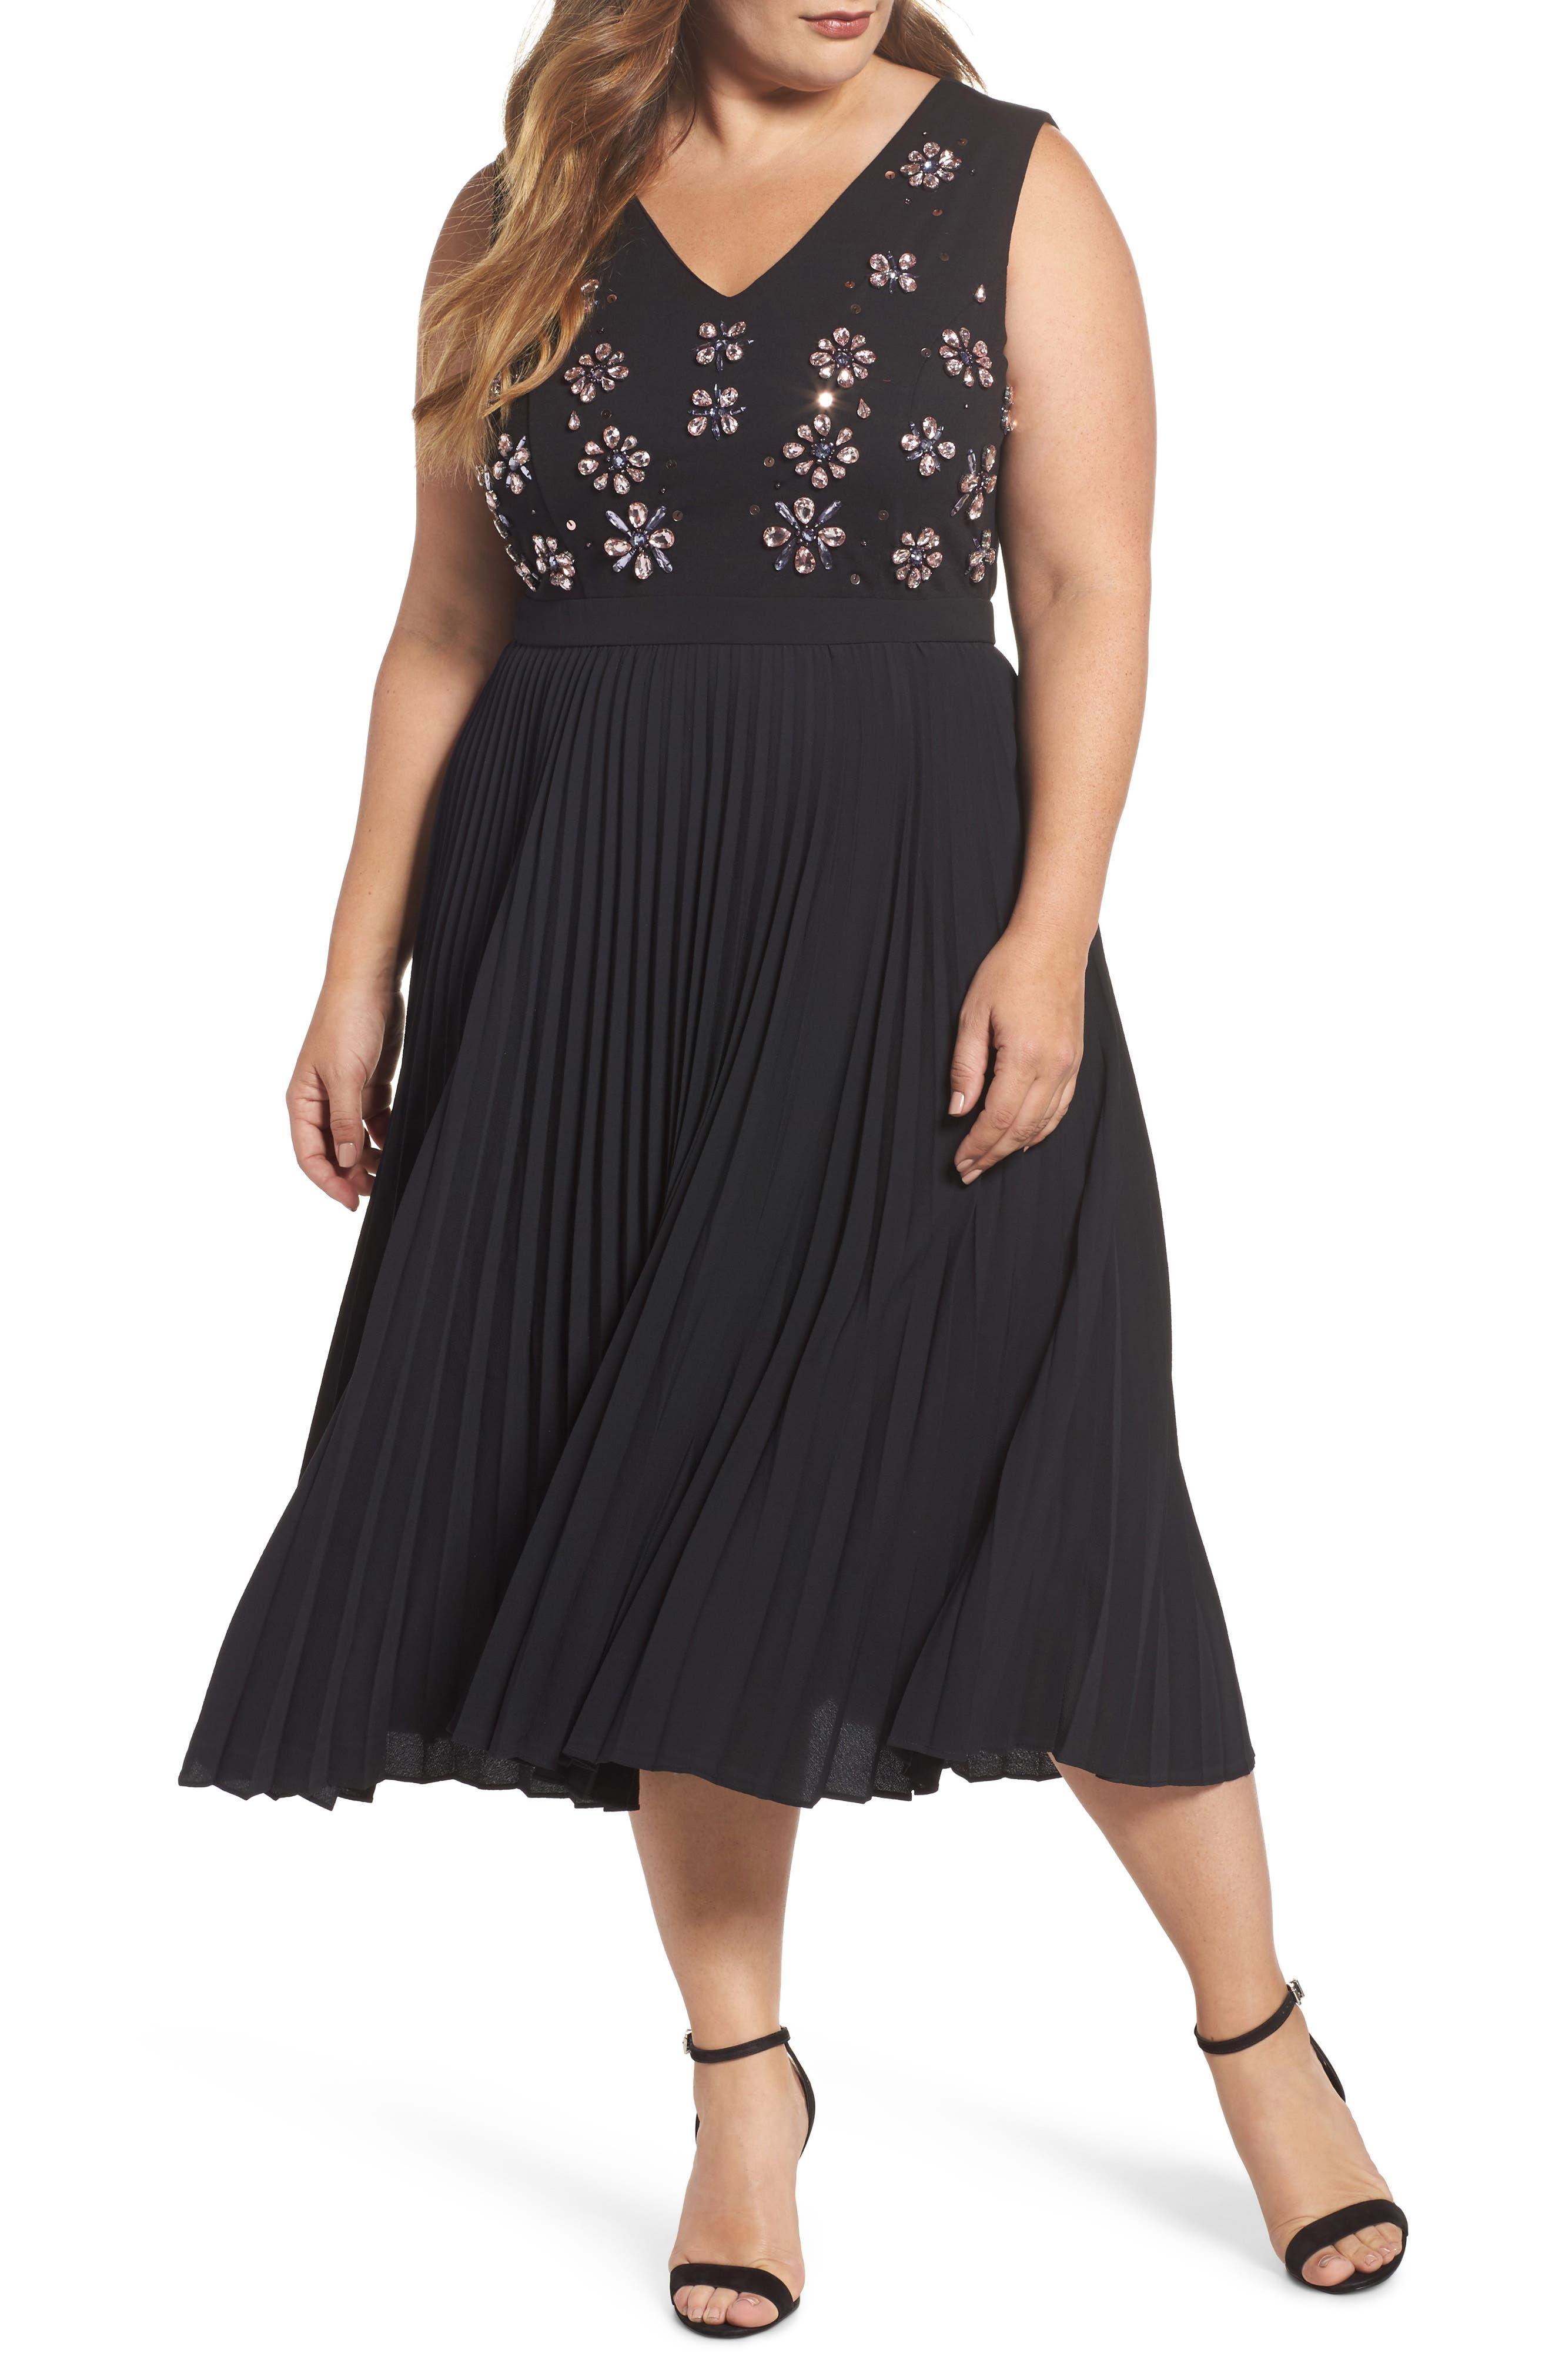 Main Image - LOST INK Crystal Flower Embellished Dress (Plus Size)